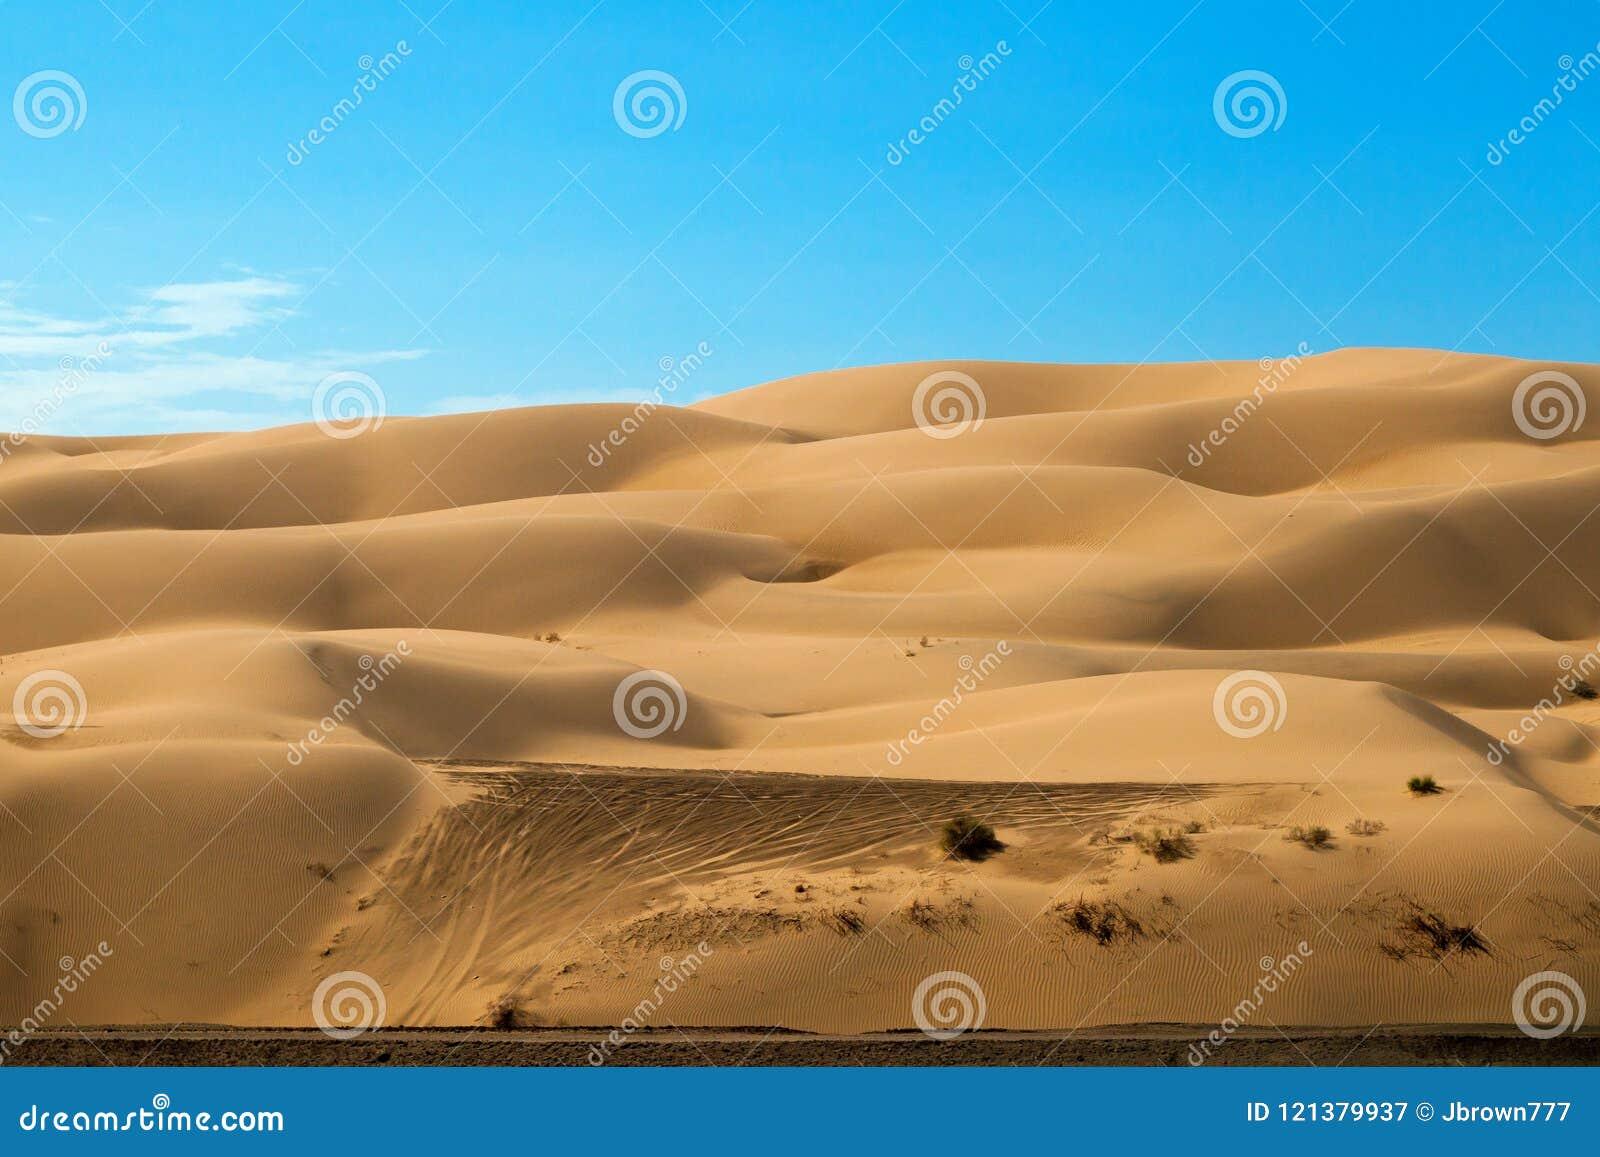 Outre des voies de véhicule routier sur Yuma Sand Dunes